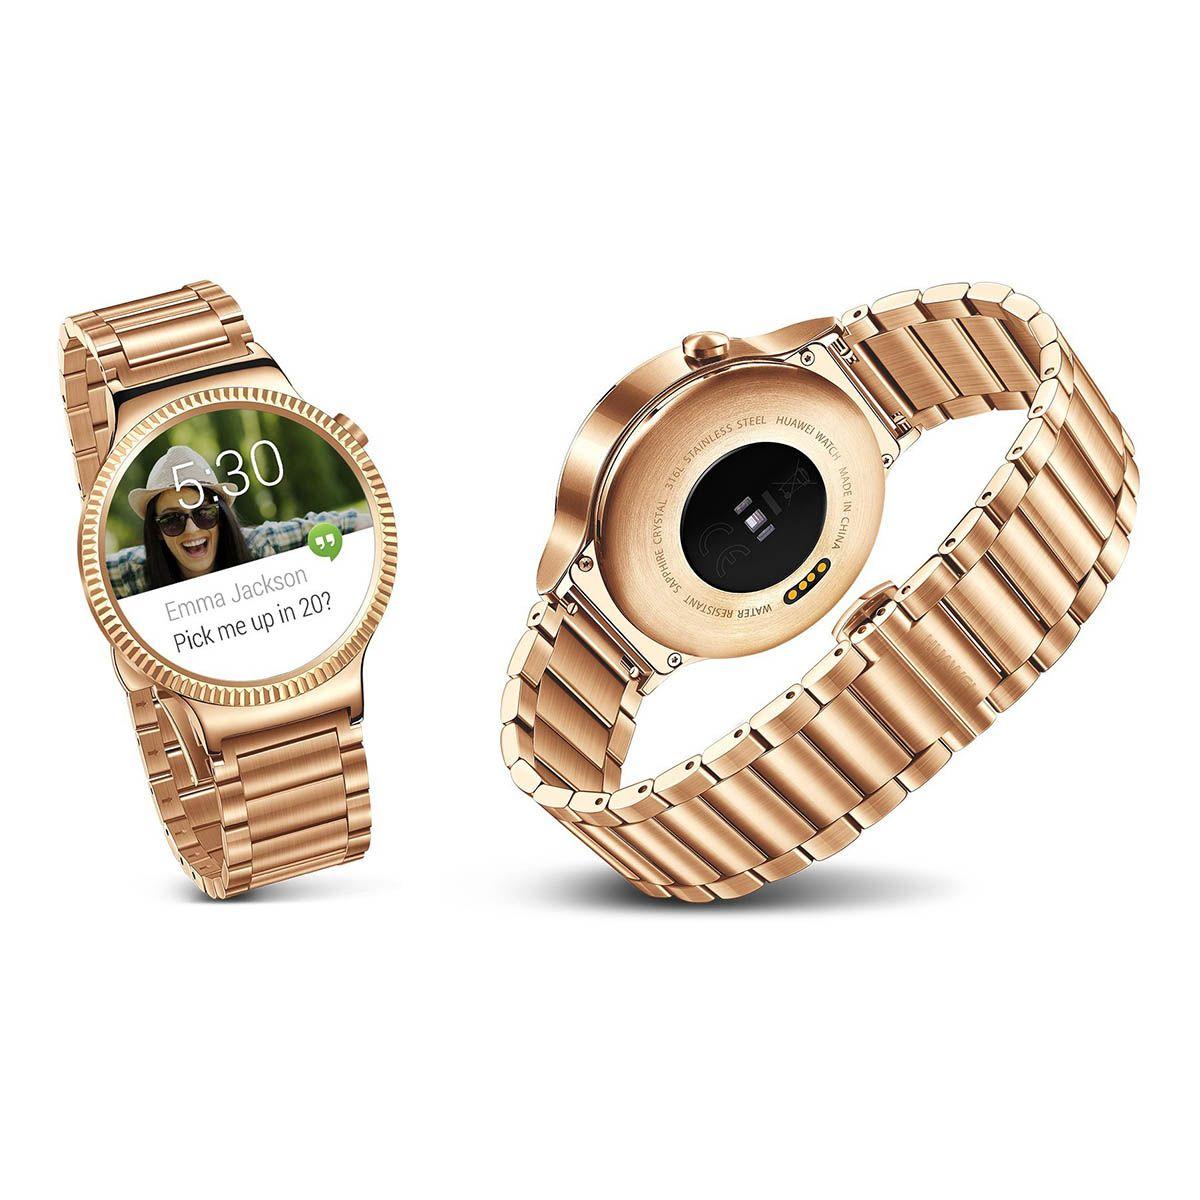 Montre connectée huawei watch elite or/metal - 10% de remise immédiate avec le code : cool10 (photo)